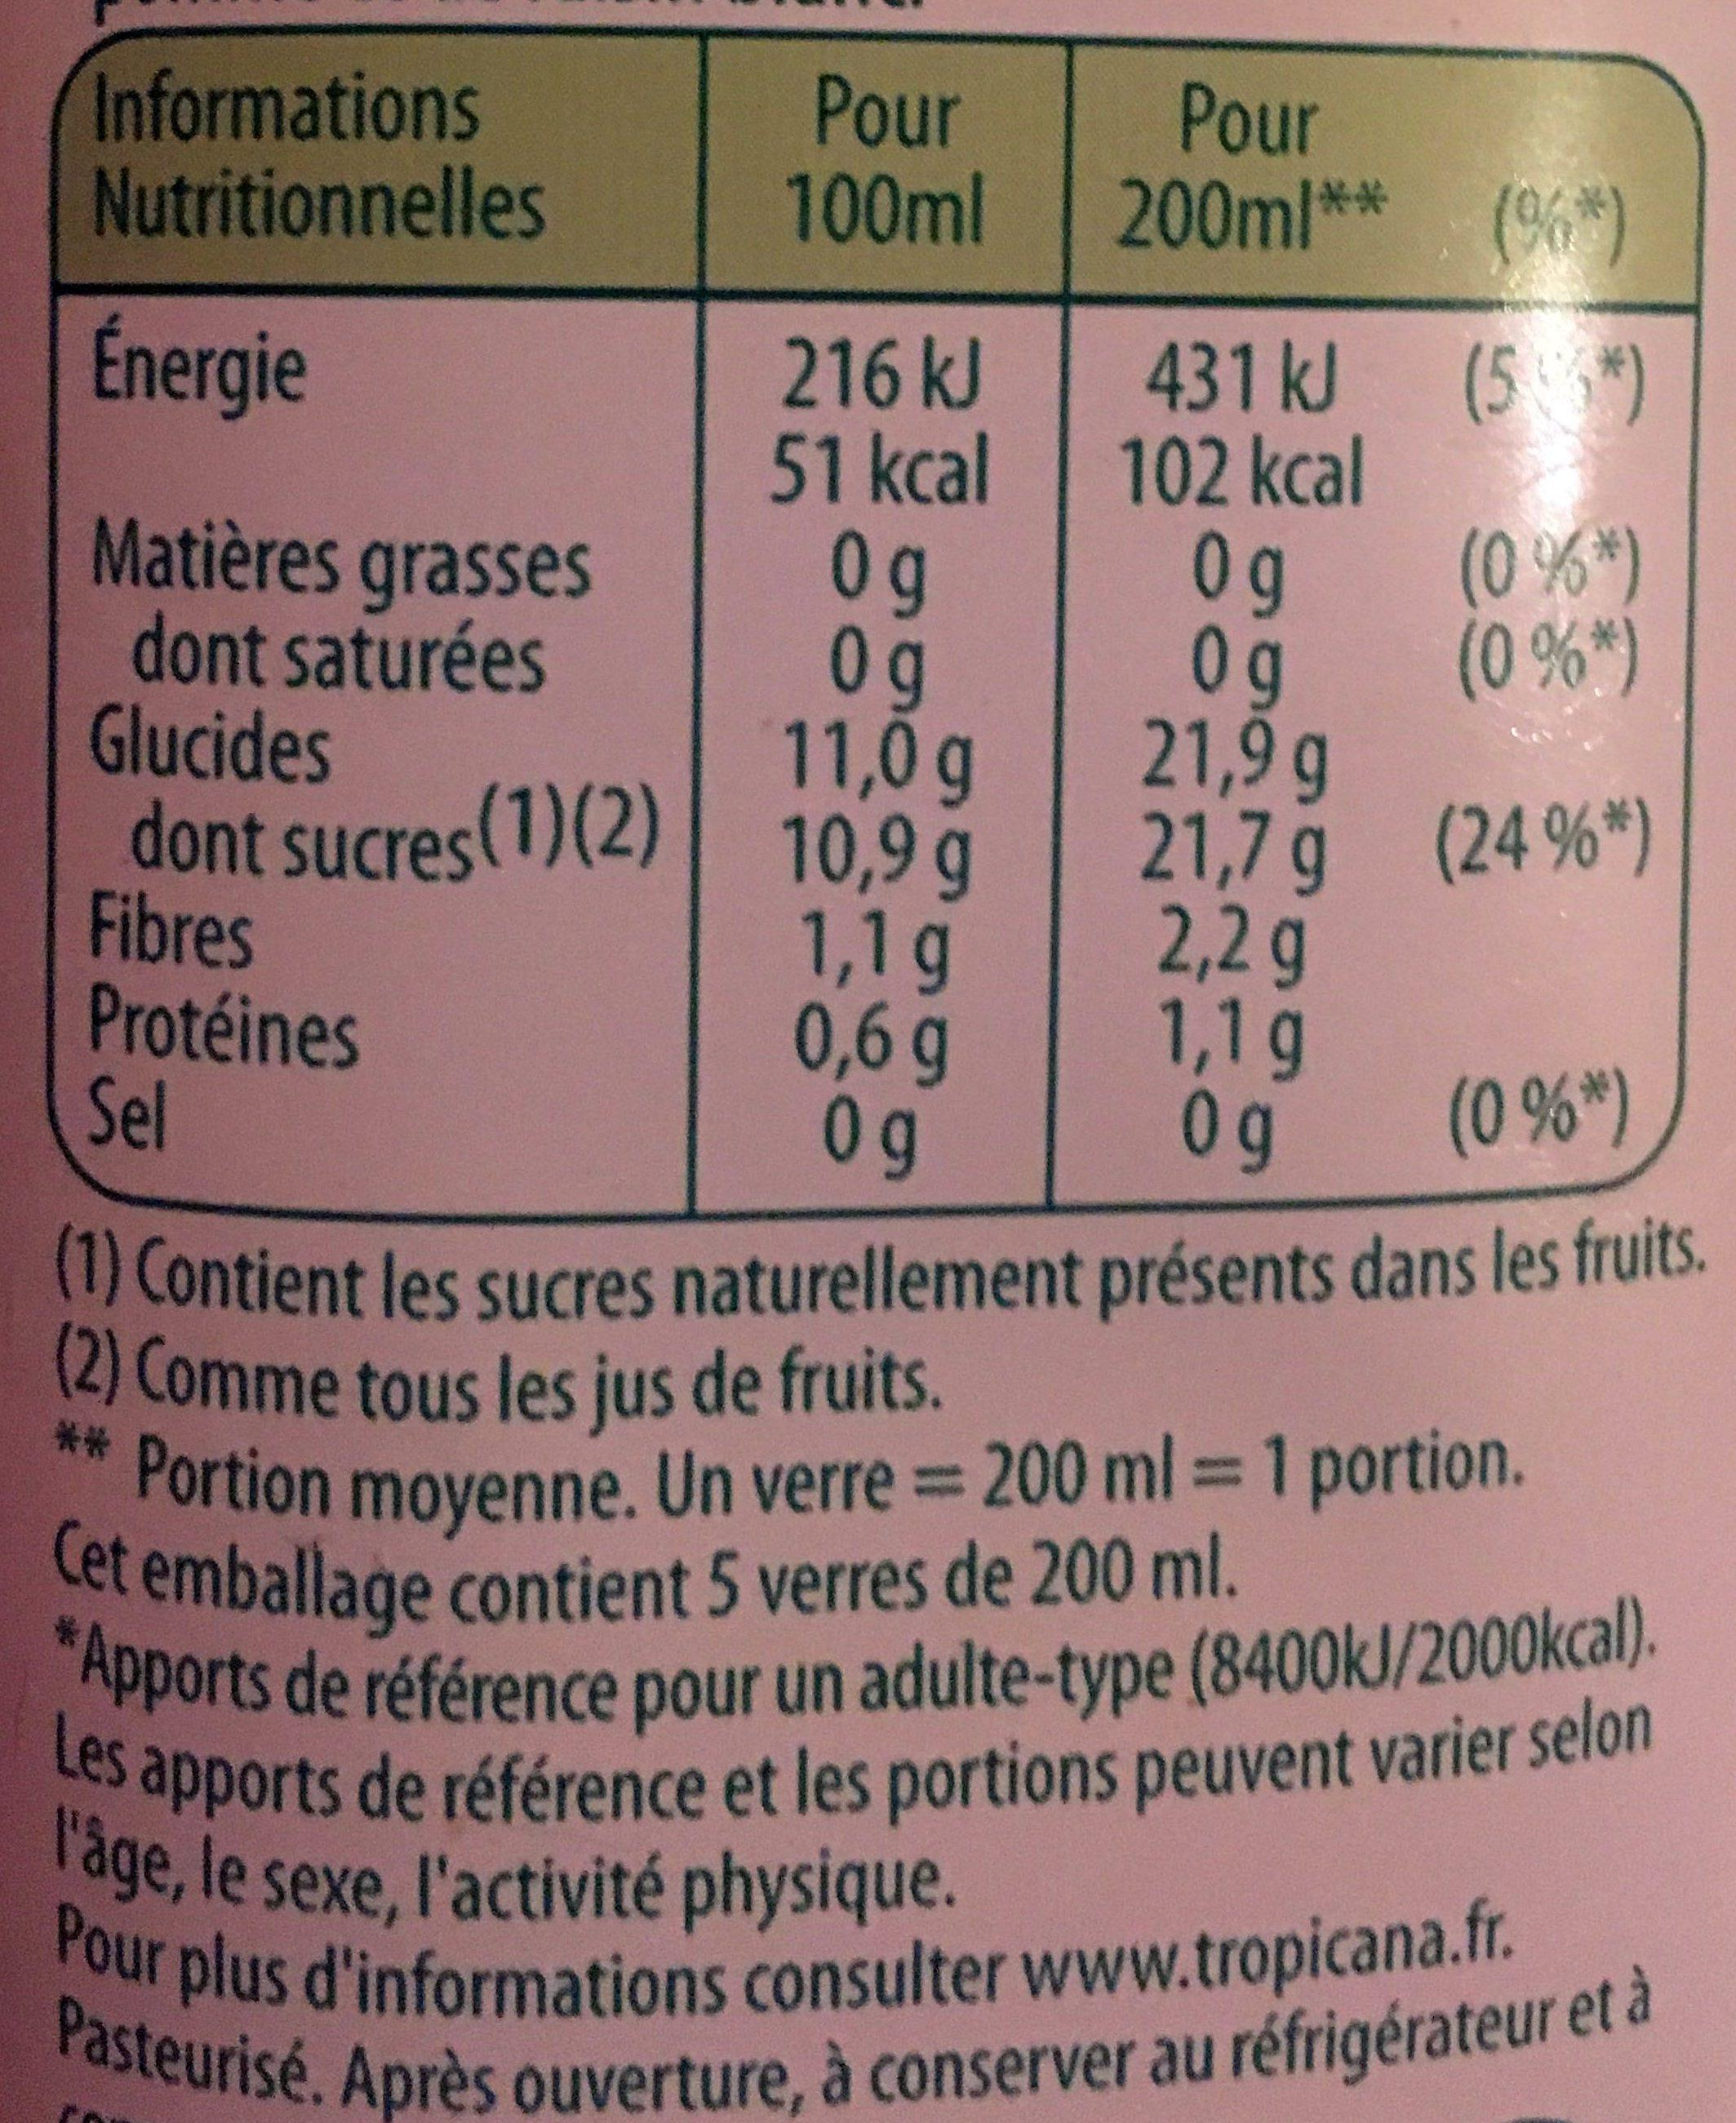 Pure Premium Réveil fruité 100% pur jus - Nutrition facts